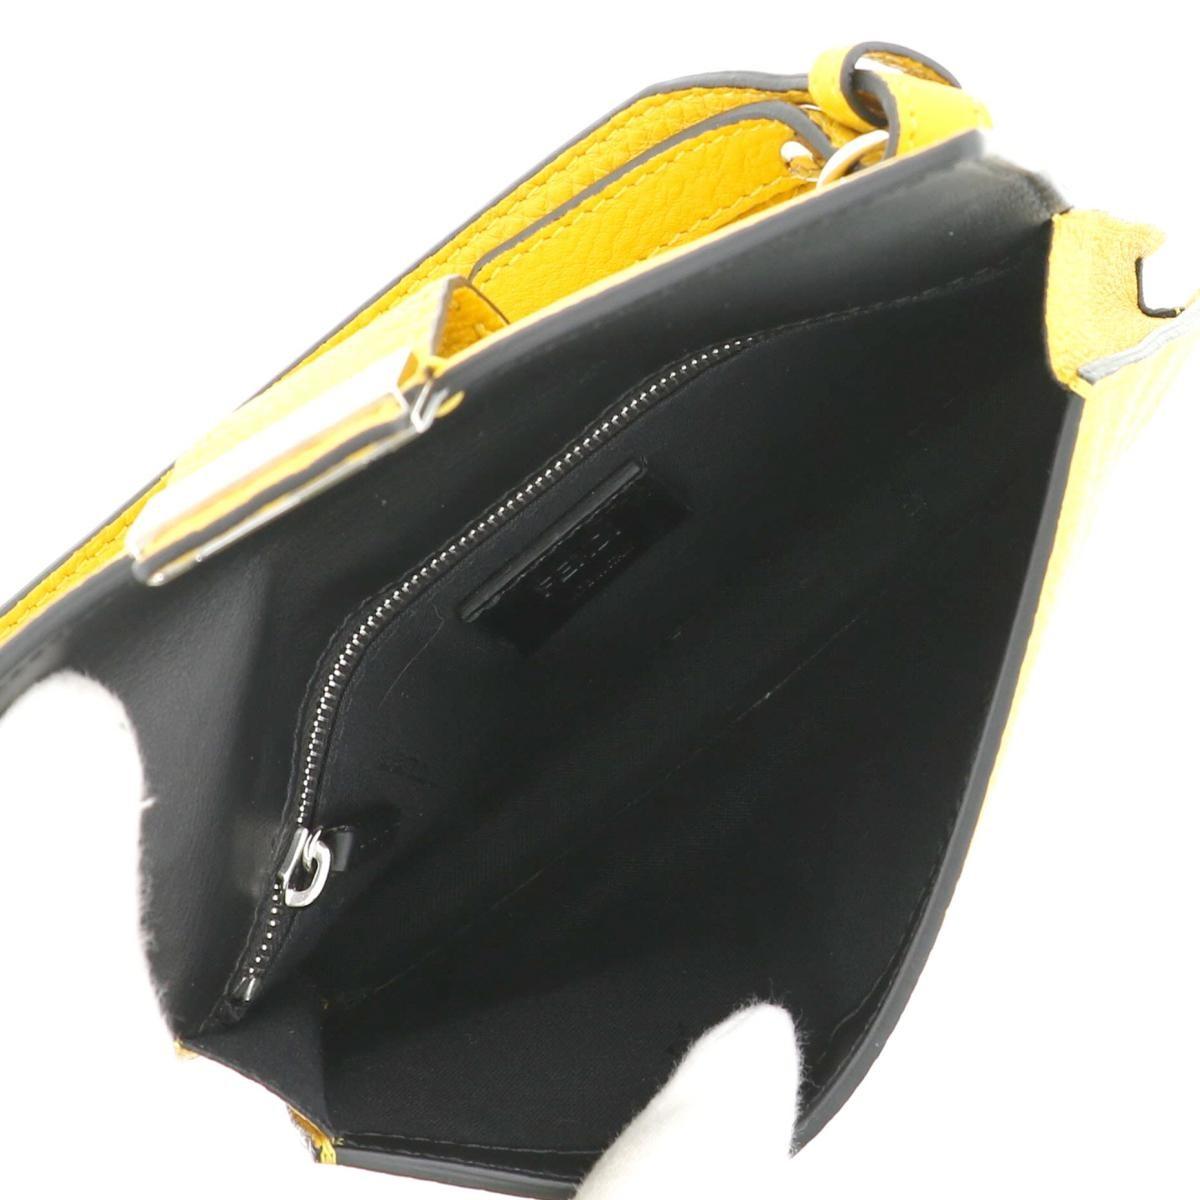 【セール中】フェンディ バゲット ショルダーバッグ イエロー FENDI Baguette Shoulder Pouch Yellow